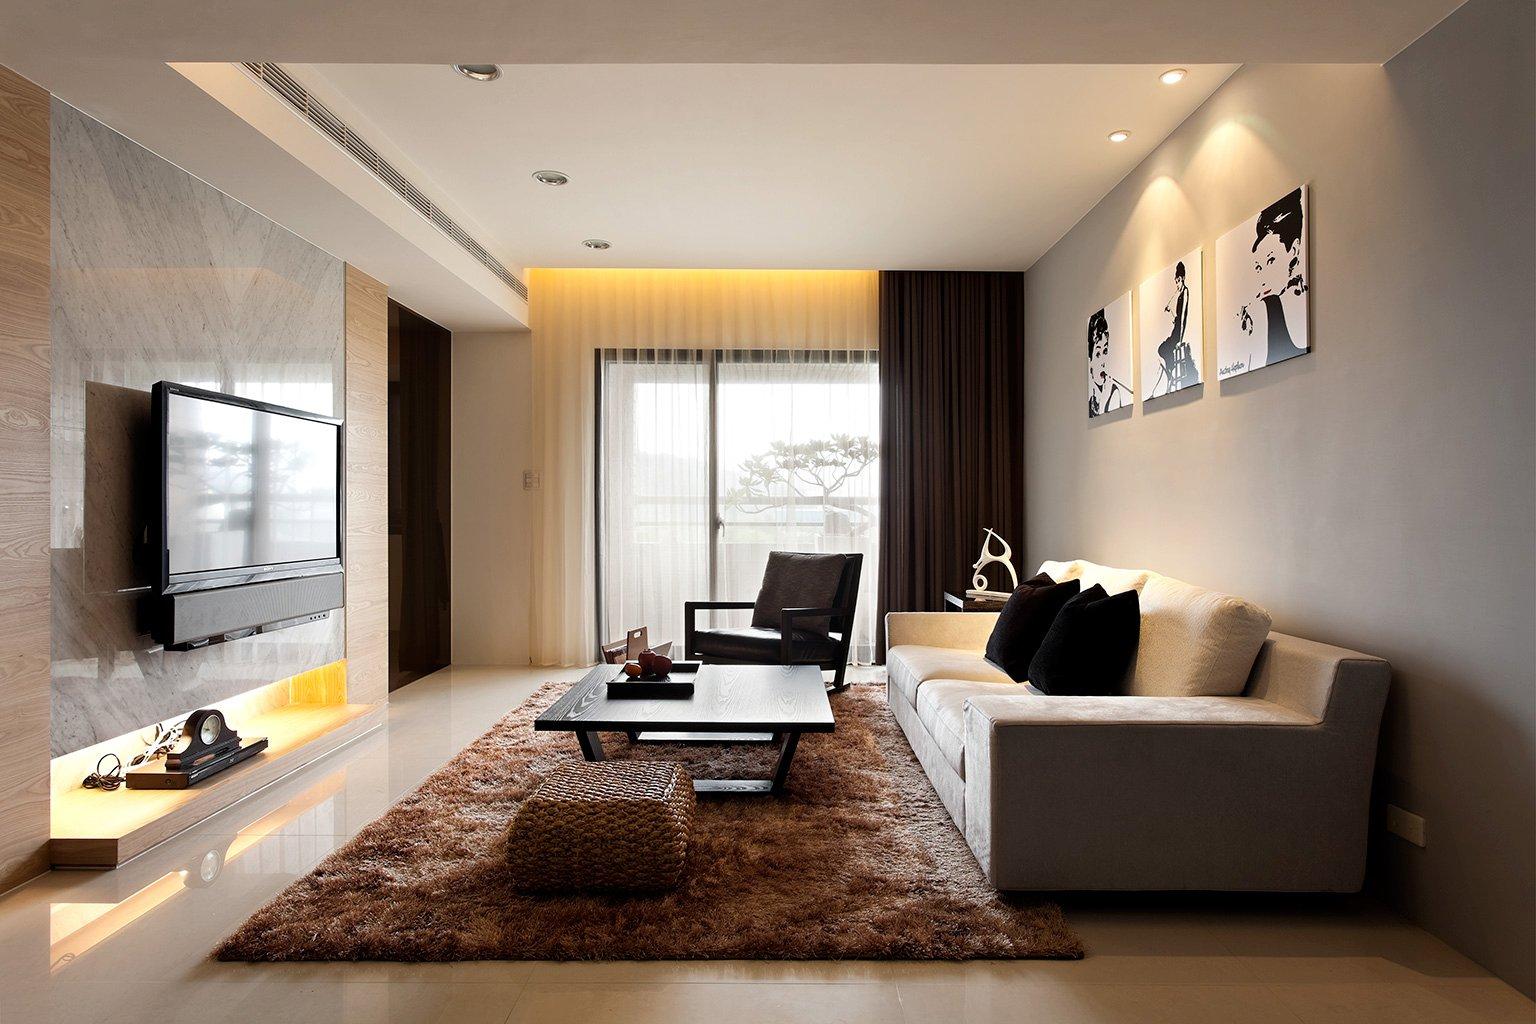 modern living room design ideas 23.7kshares SWIYTRO